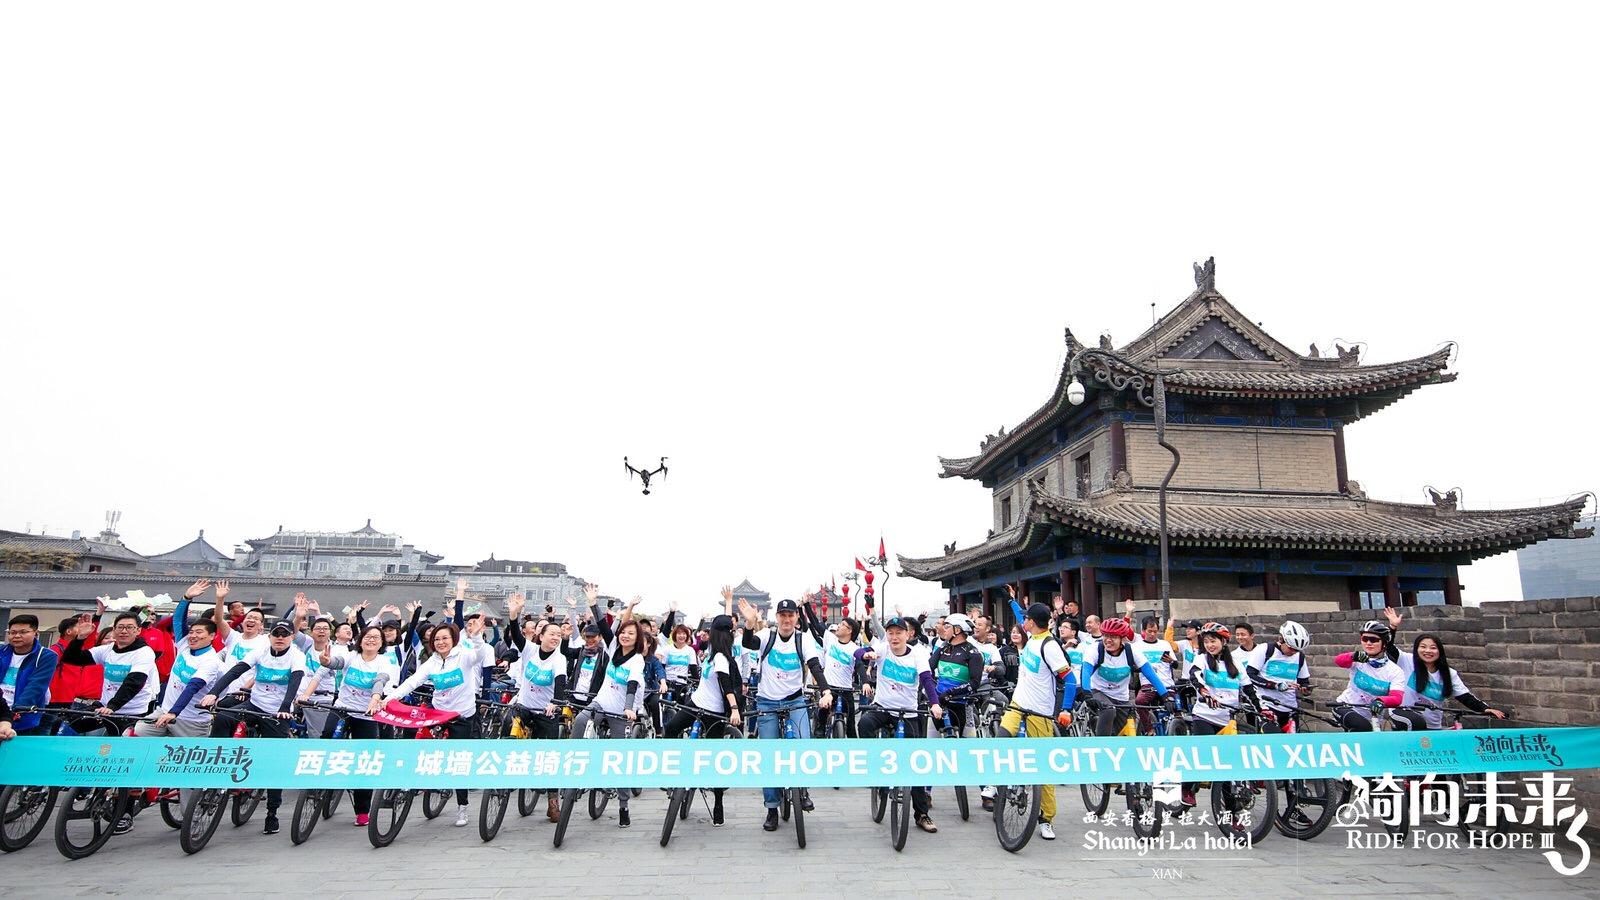 """成都香格里拉大酒店举办""""骑向未来3""""公益骑行活动-中国网地产"""